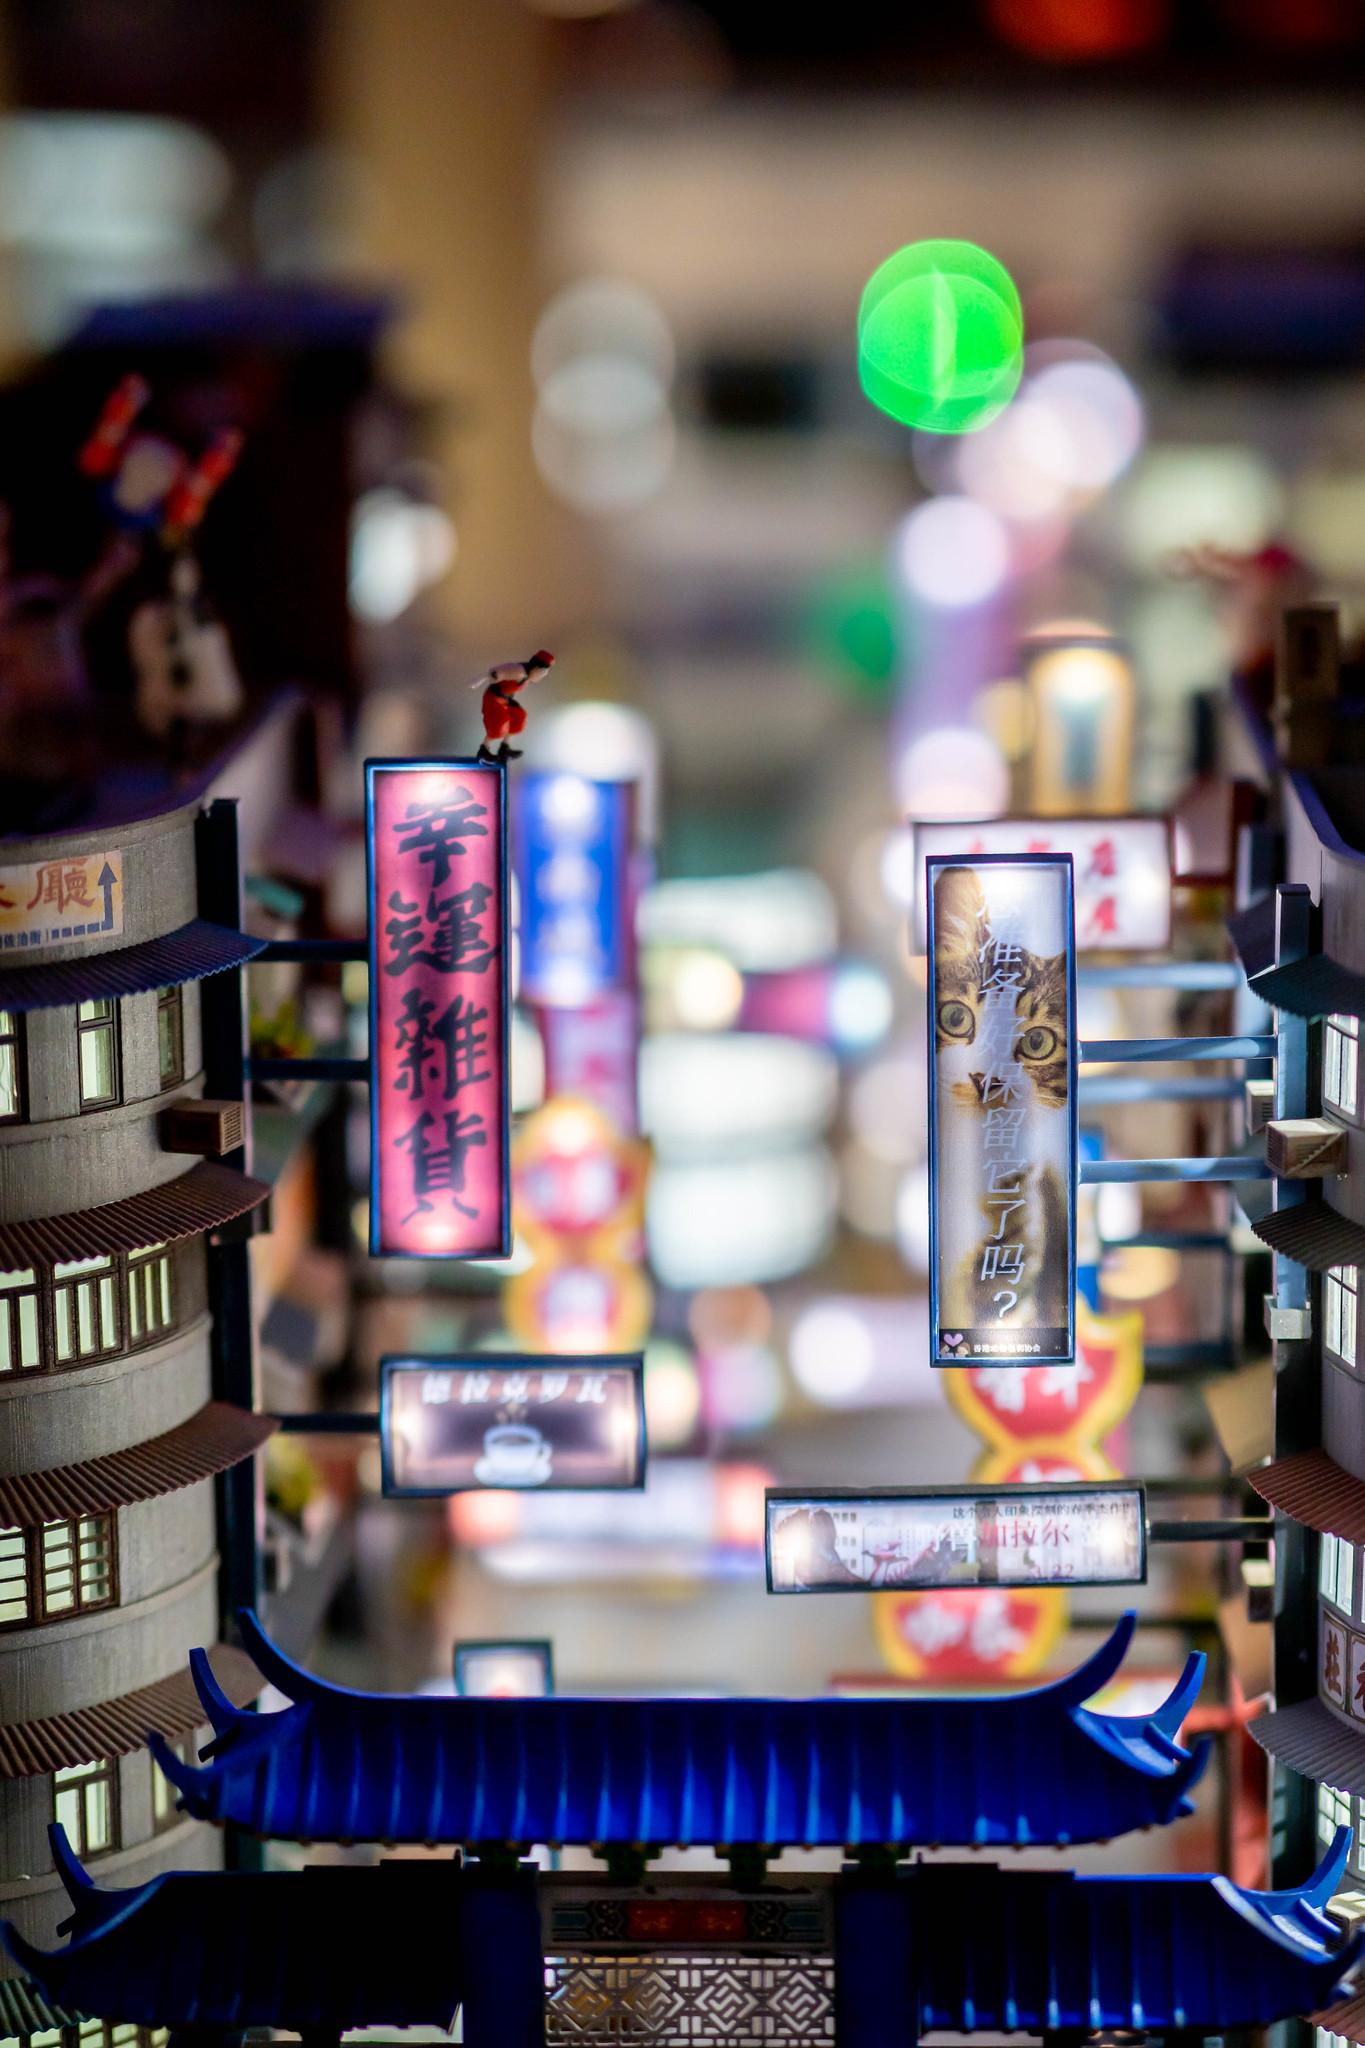 カメラを持って小さな世界を旅してきました スモールワールズ東京 #宇宙 #世界 #エヴァンゲリオン #セーラームーン #SMALLWORLDSTOKYO